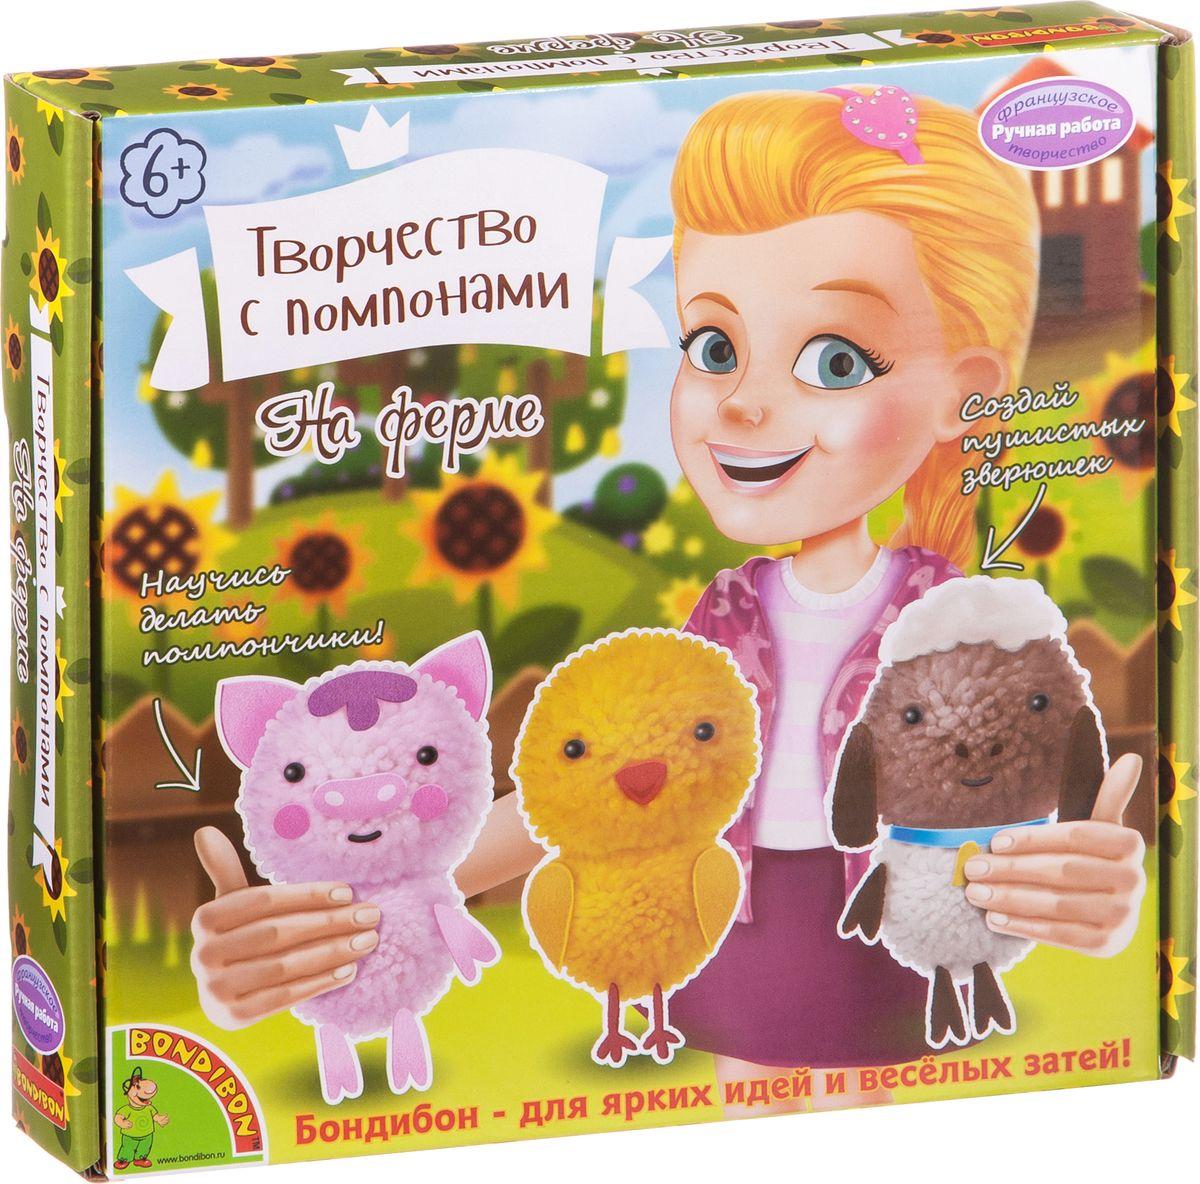 Bondibon Набор для изготовления игрушек из помпонов На ферме